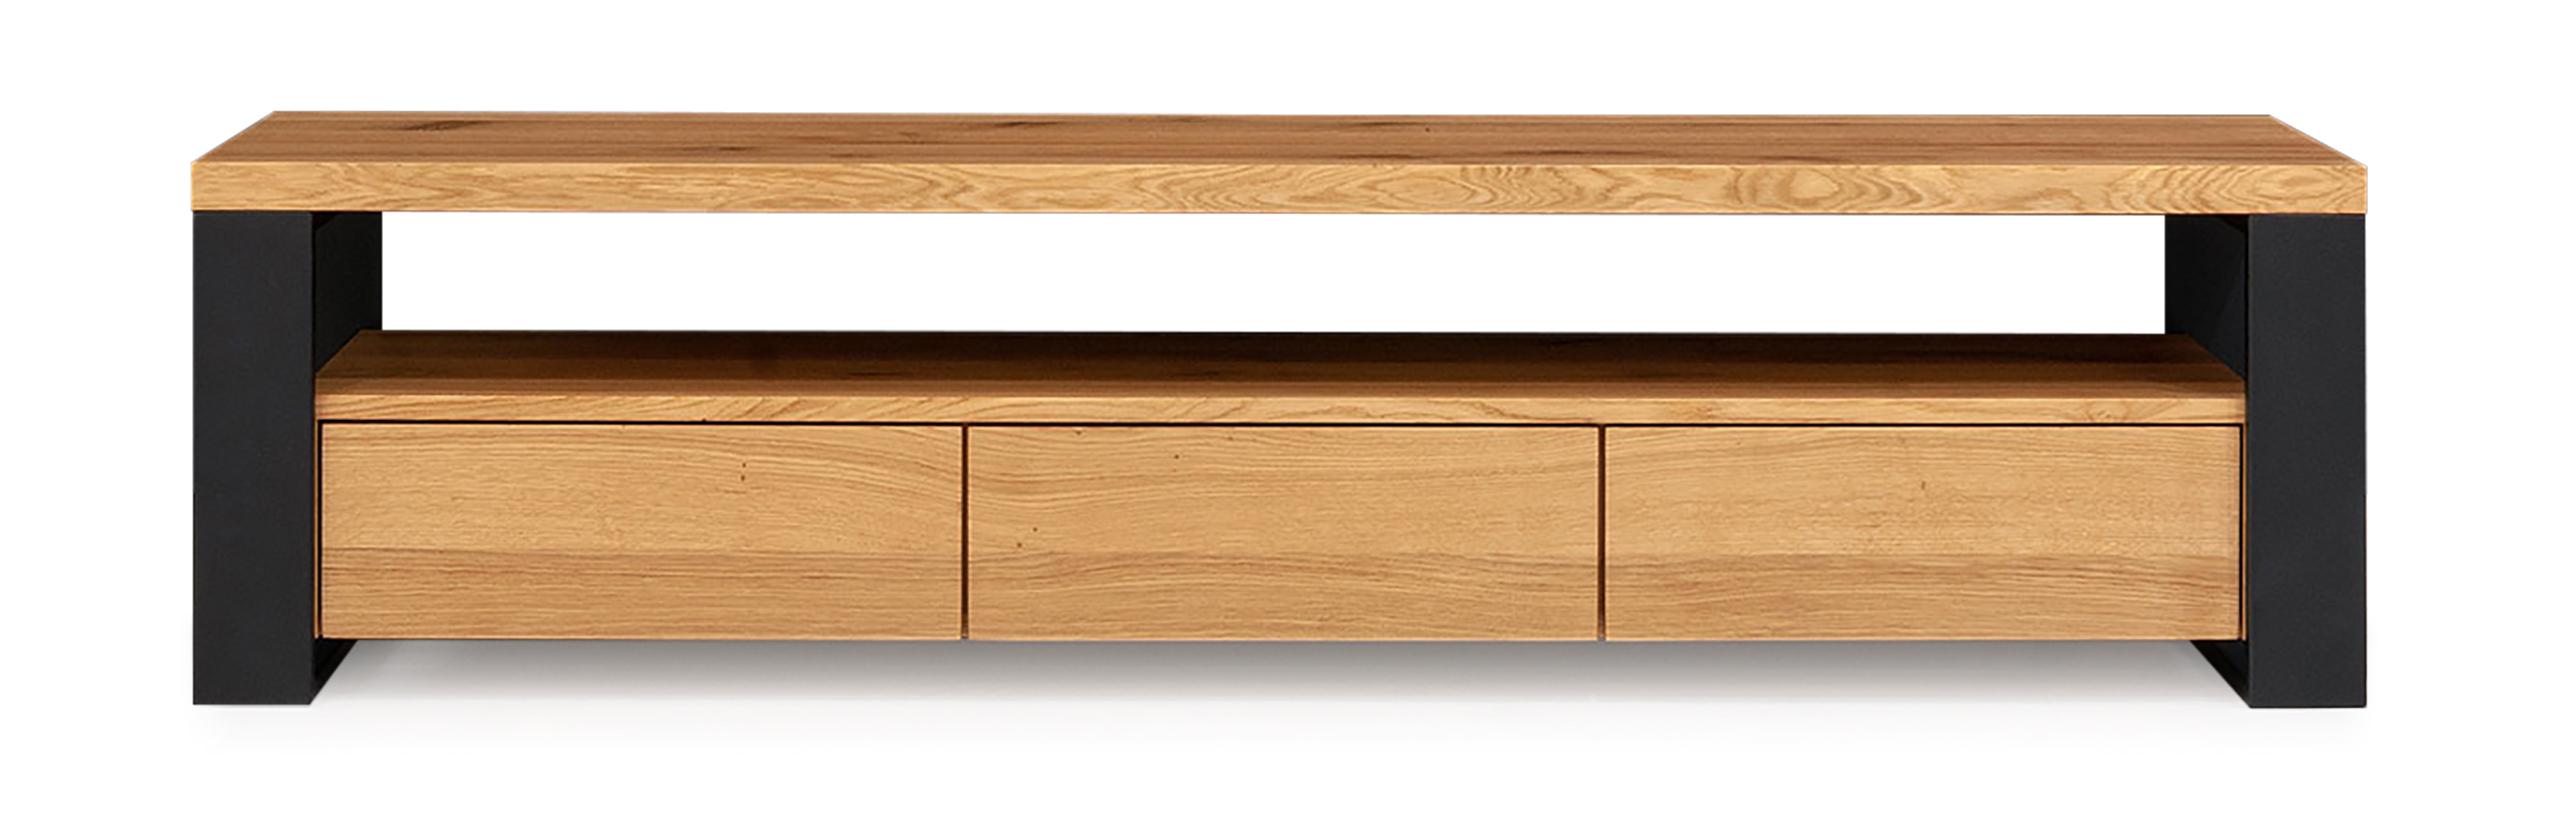 Drevená televízna skrinka, komoda HORIZON 220 cm RETRO